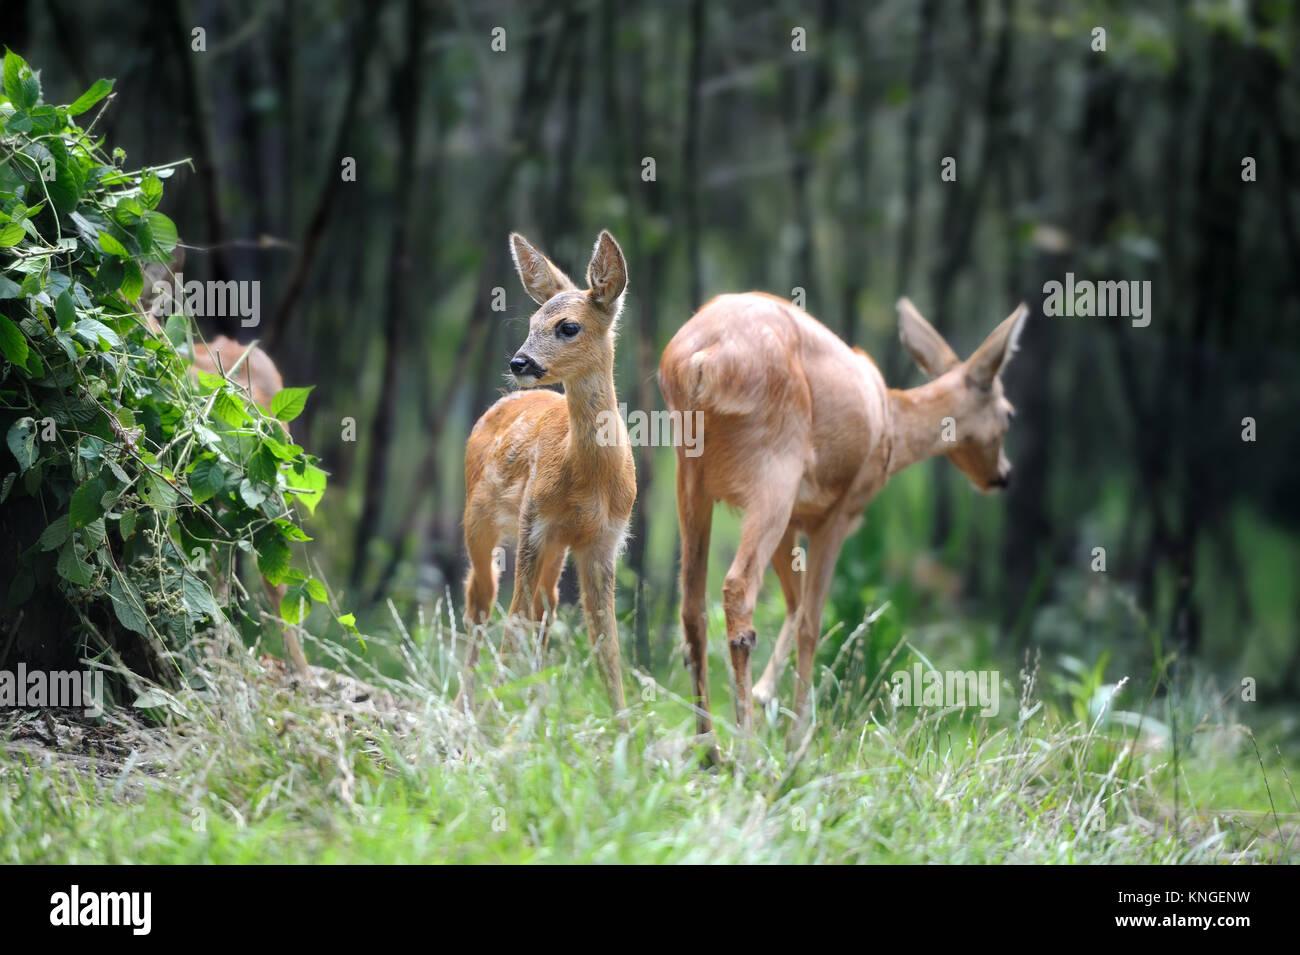 Joven ciervo en bosque de verano Foto de stock